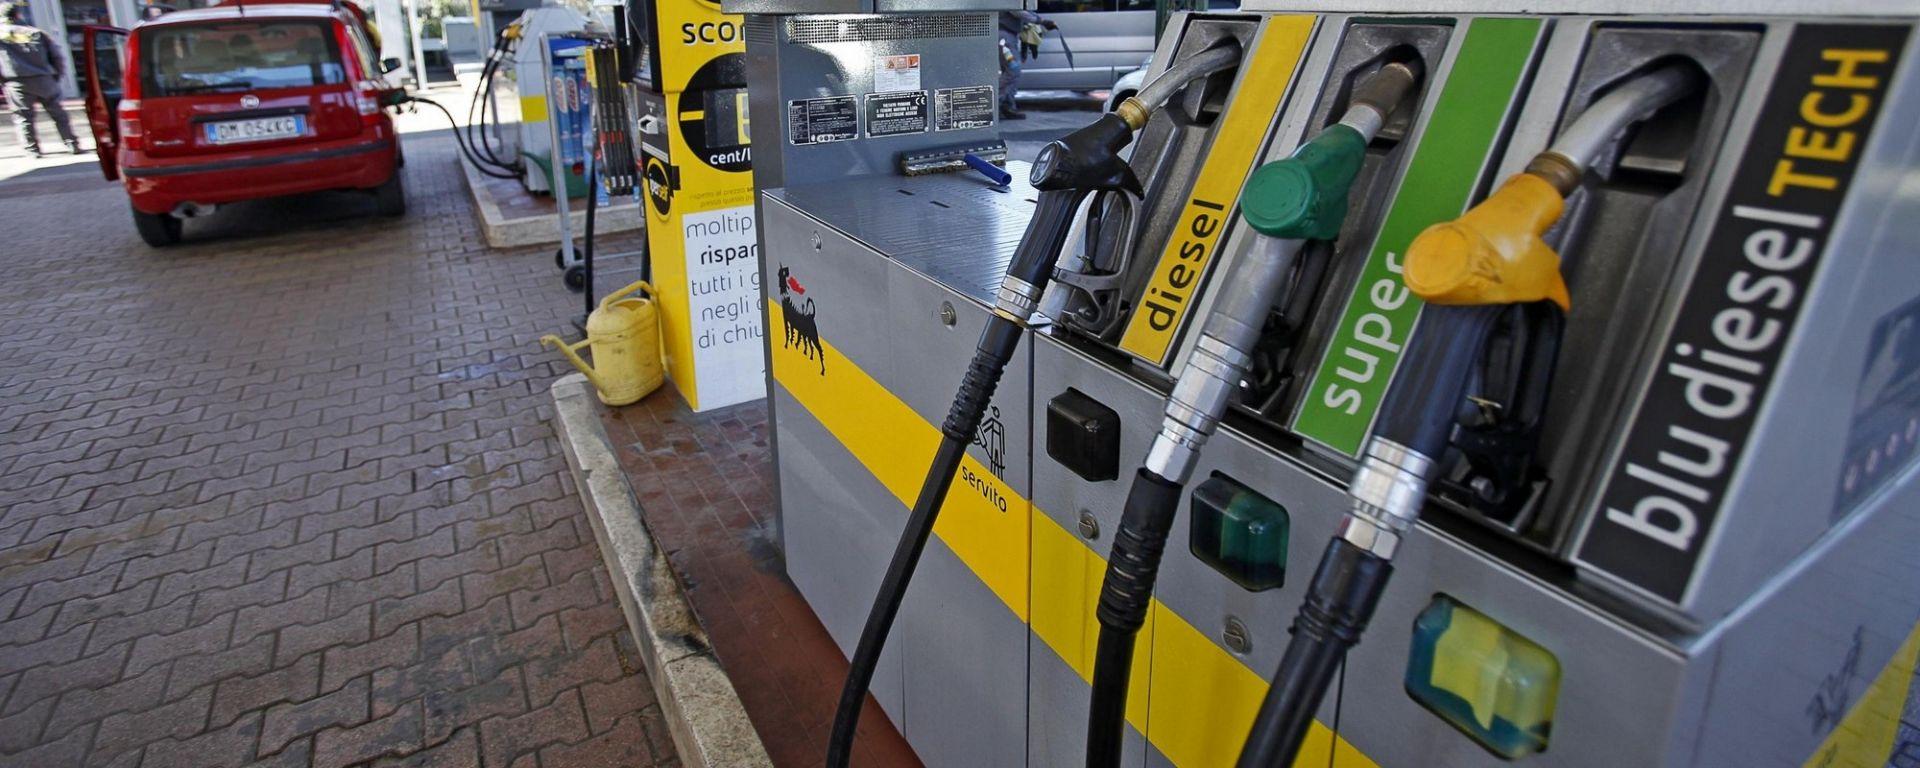 Prezzi dei carburanti alle stelle, l'allarme dei Consumatori